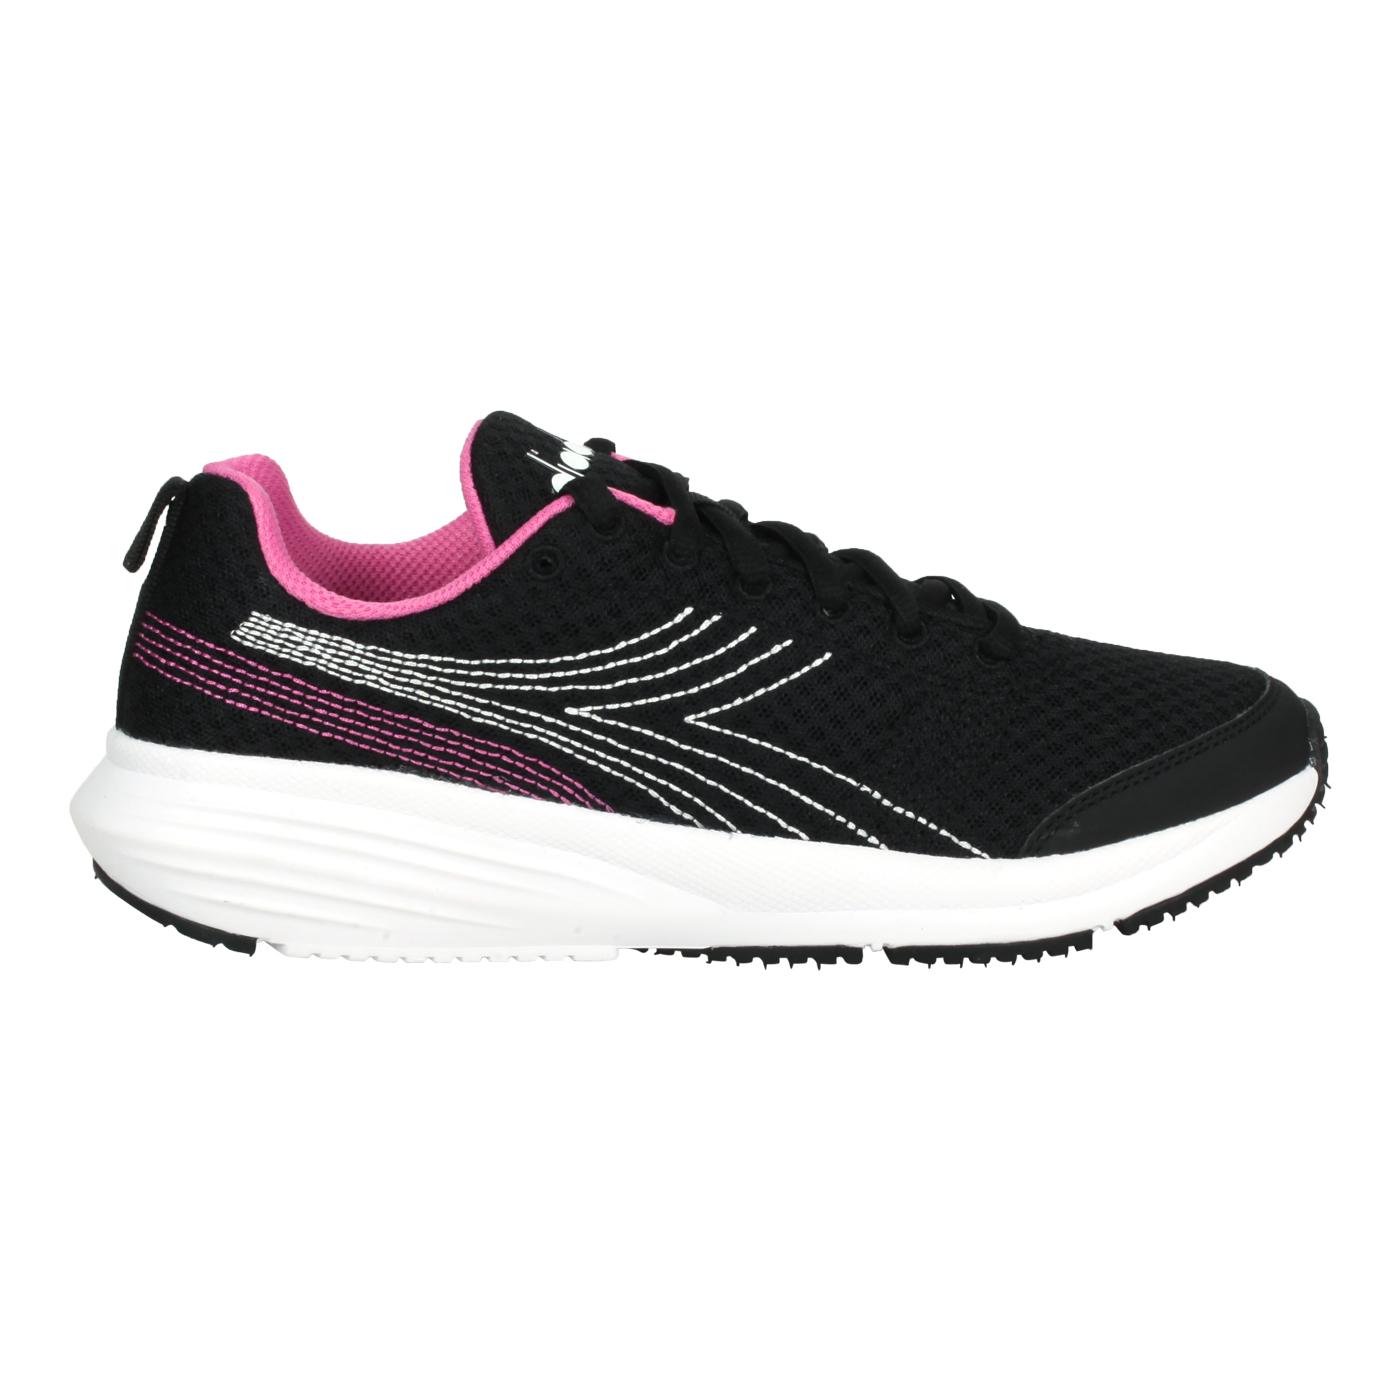 DIADORA 女款進口慢跑鞋 DA176874-C9046 - 黑白粉紅